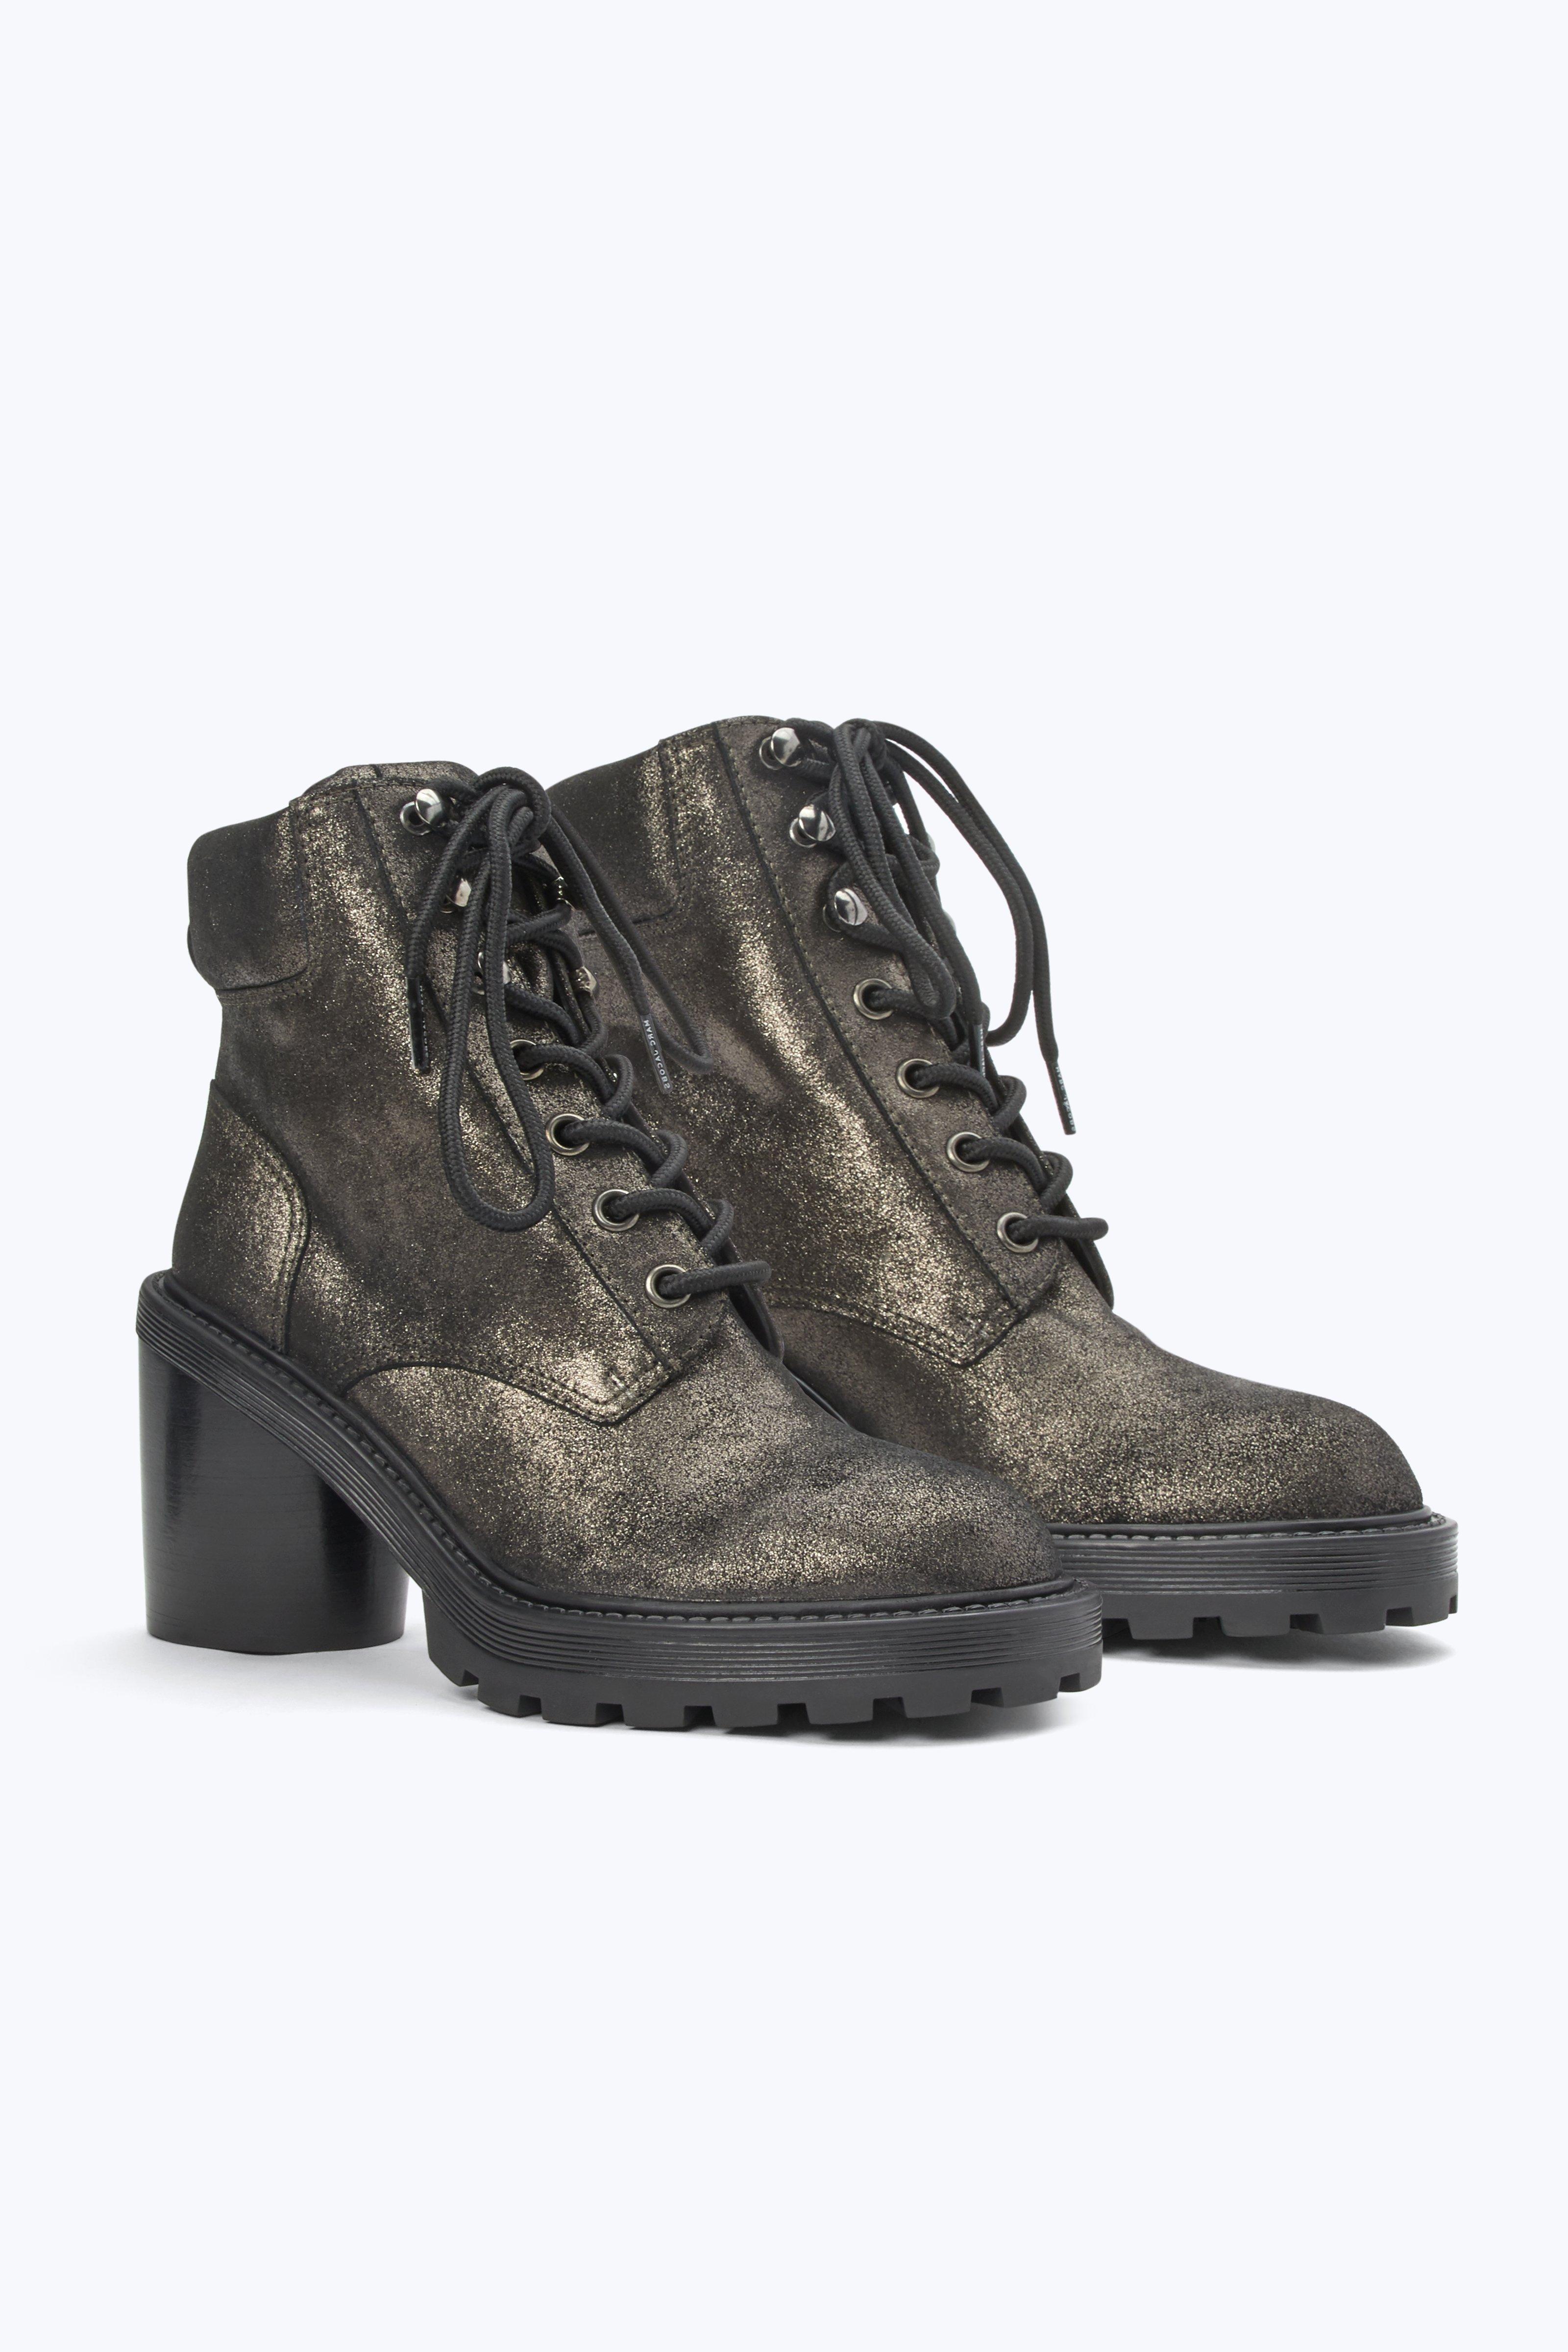 boots dam 2016